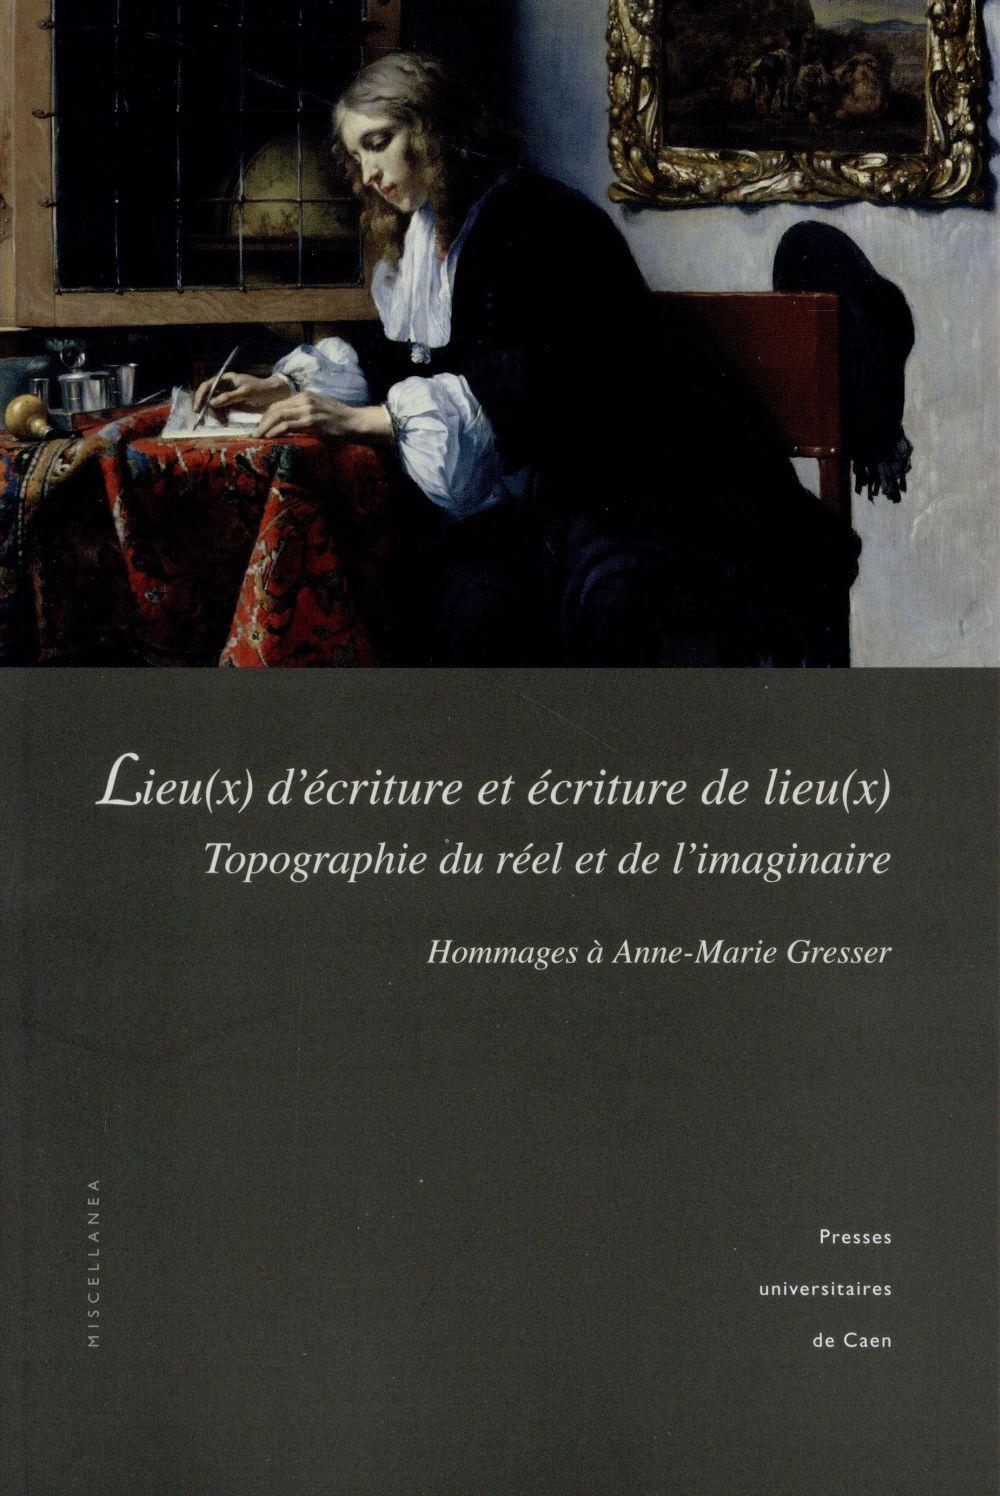 LIEU(X) D'ECRITURE ET ECRITURE DE LIEU(X). TOPOGRAPHIE DU REEL ET DE L'IMAGINAIRE. HOMMAGES A ANNE-M